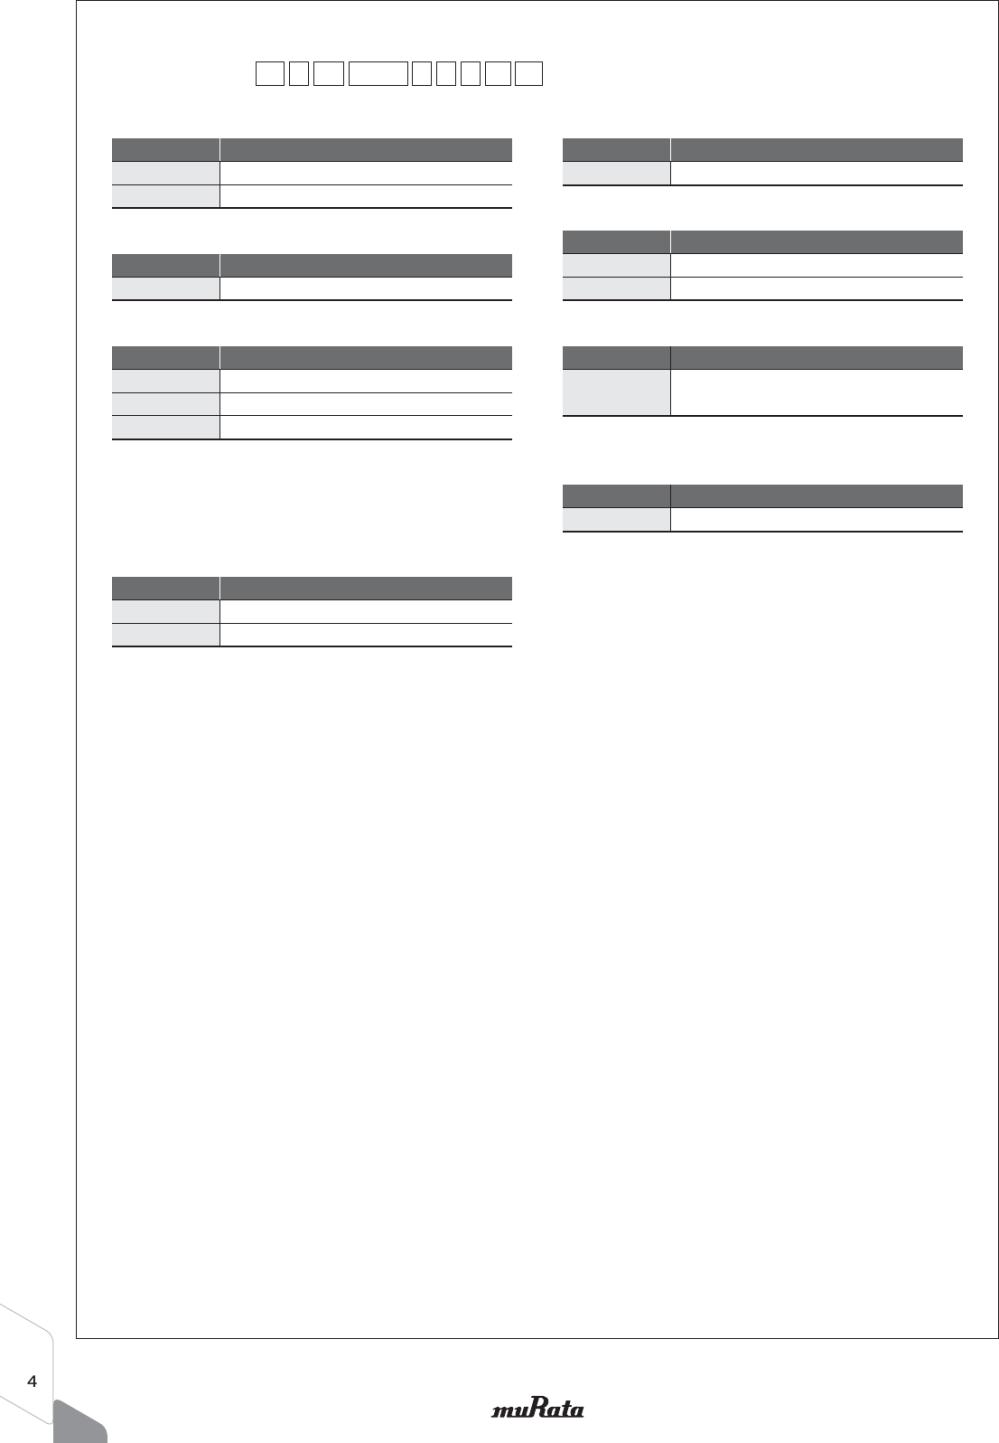 medium resolution of 1product id